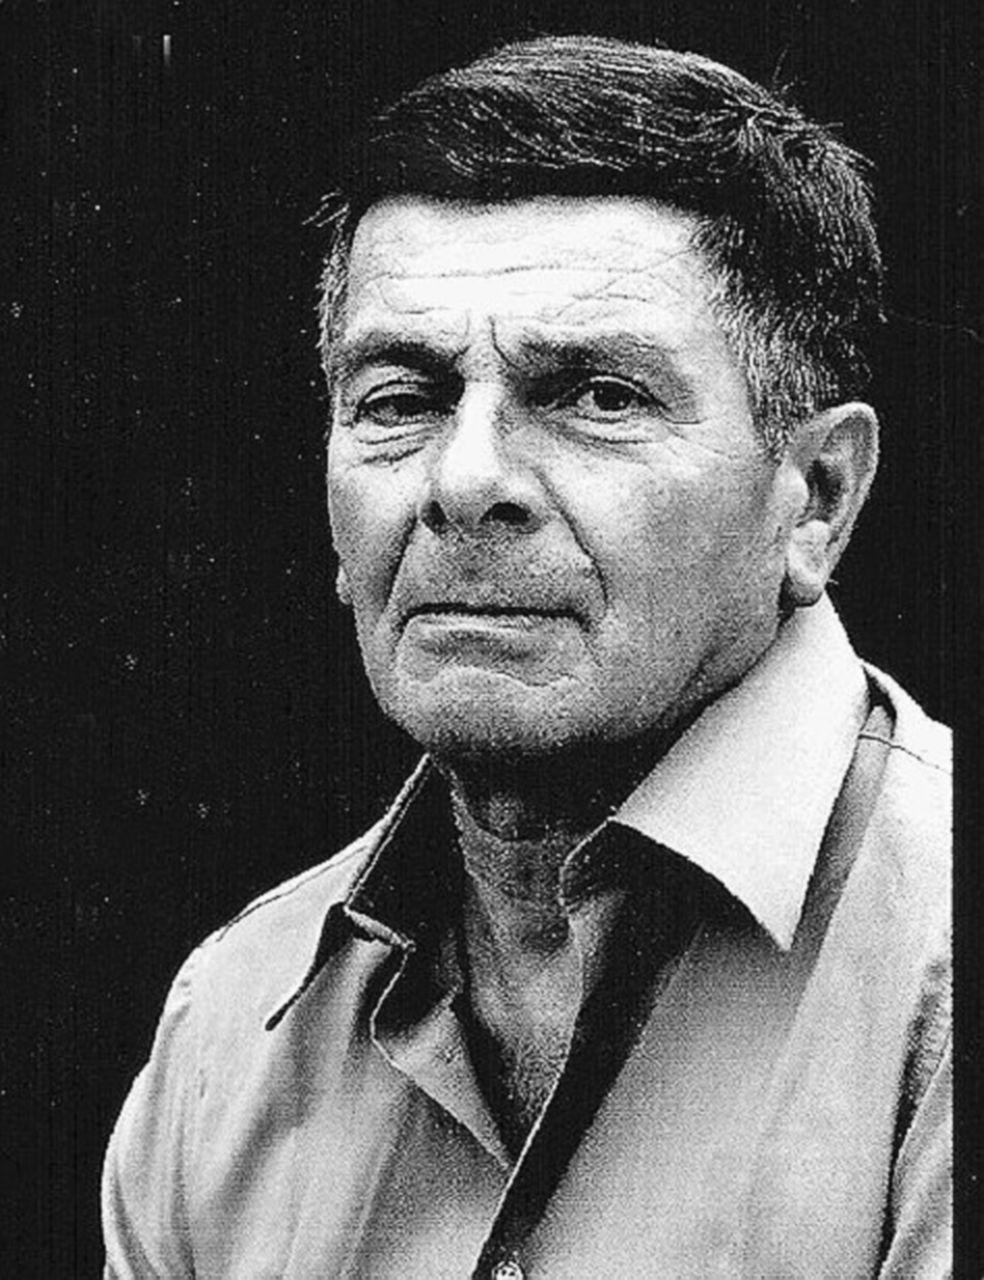 """Il mio ricordo di Piero Buscaroli, scrittore dalla """"parte sbagliata"""""""